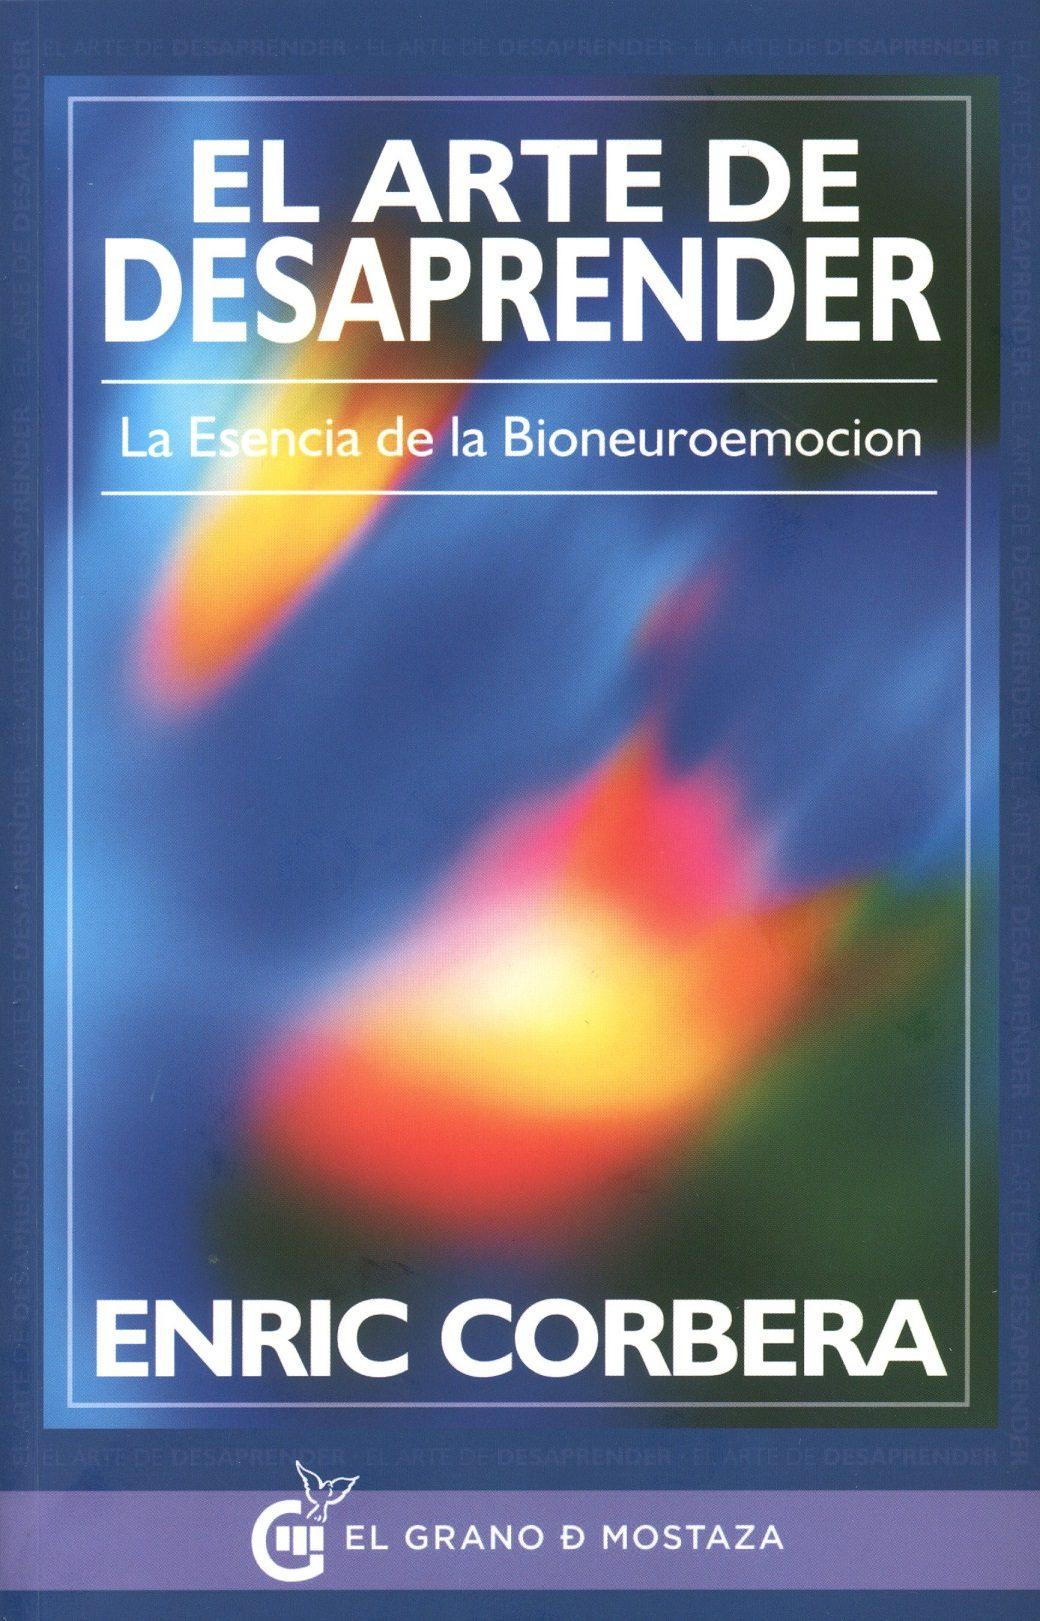 el arte de desaprender: la esencia de la bioneuroemocion-enric corbera-9788494354908